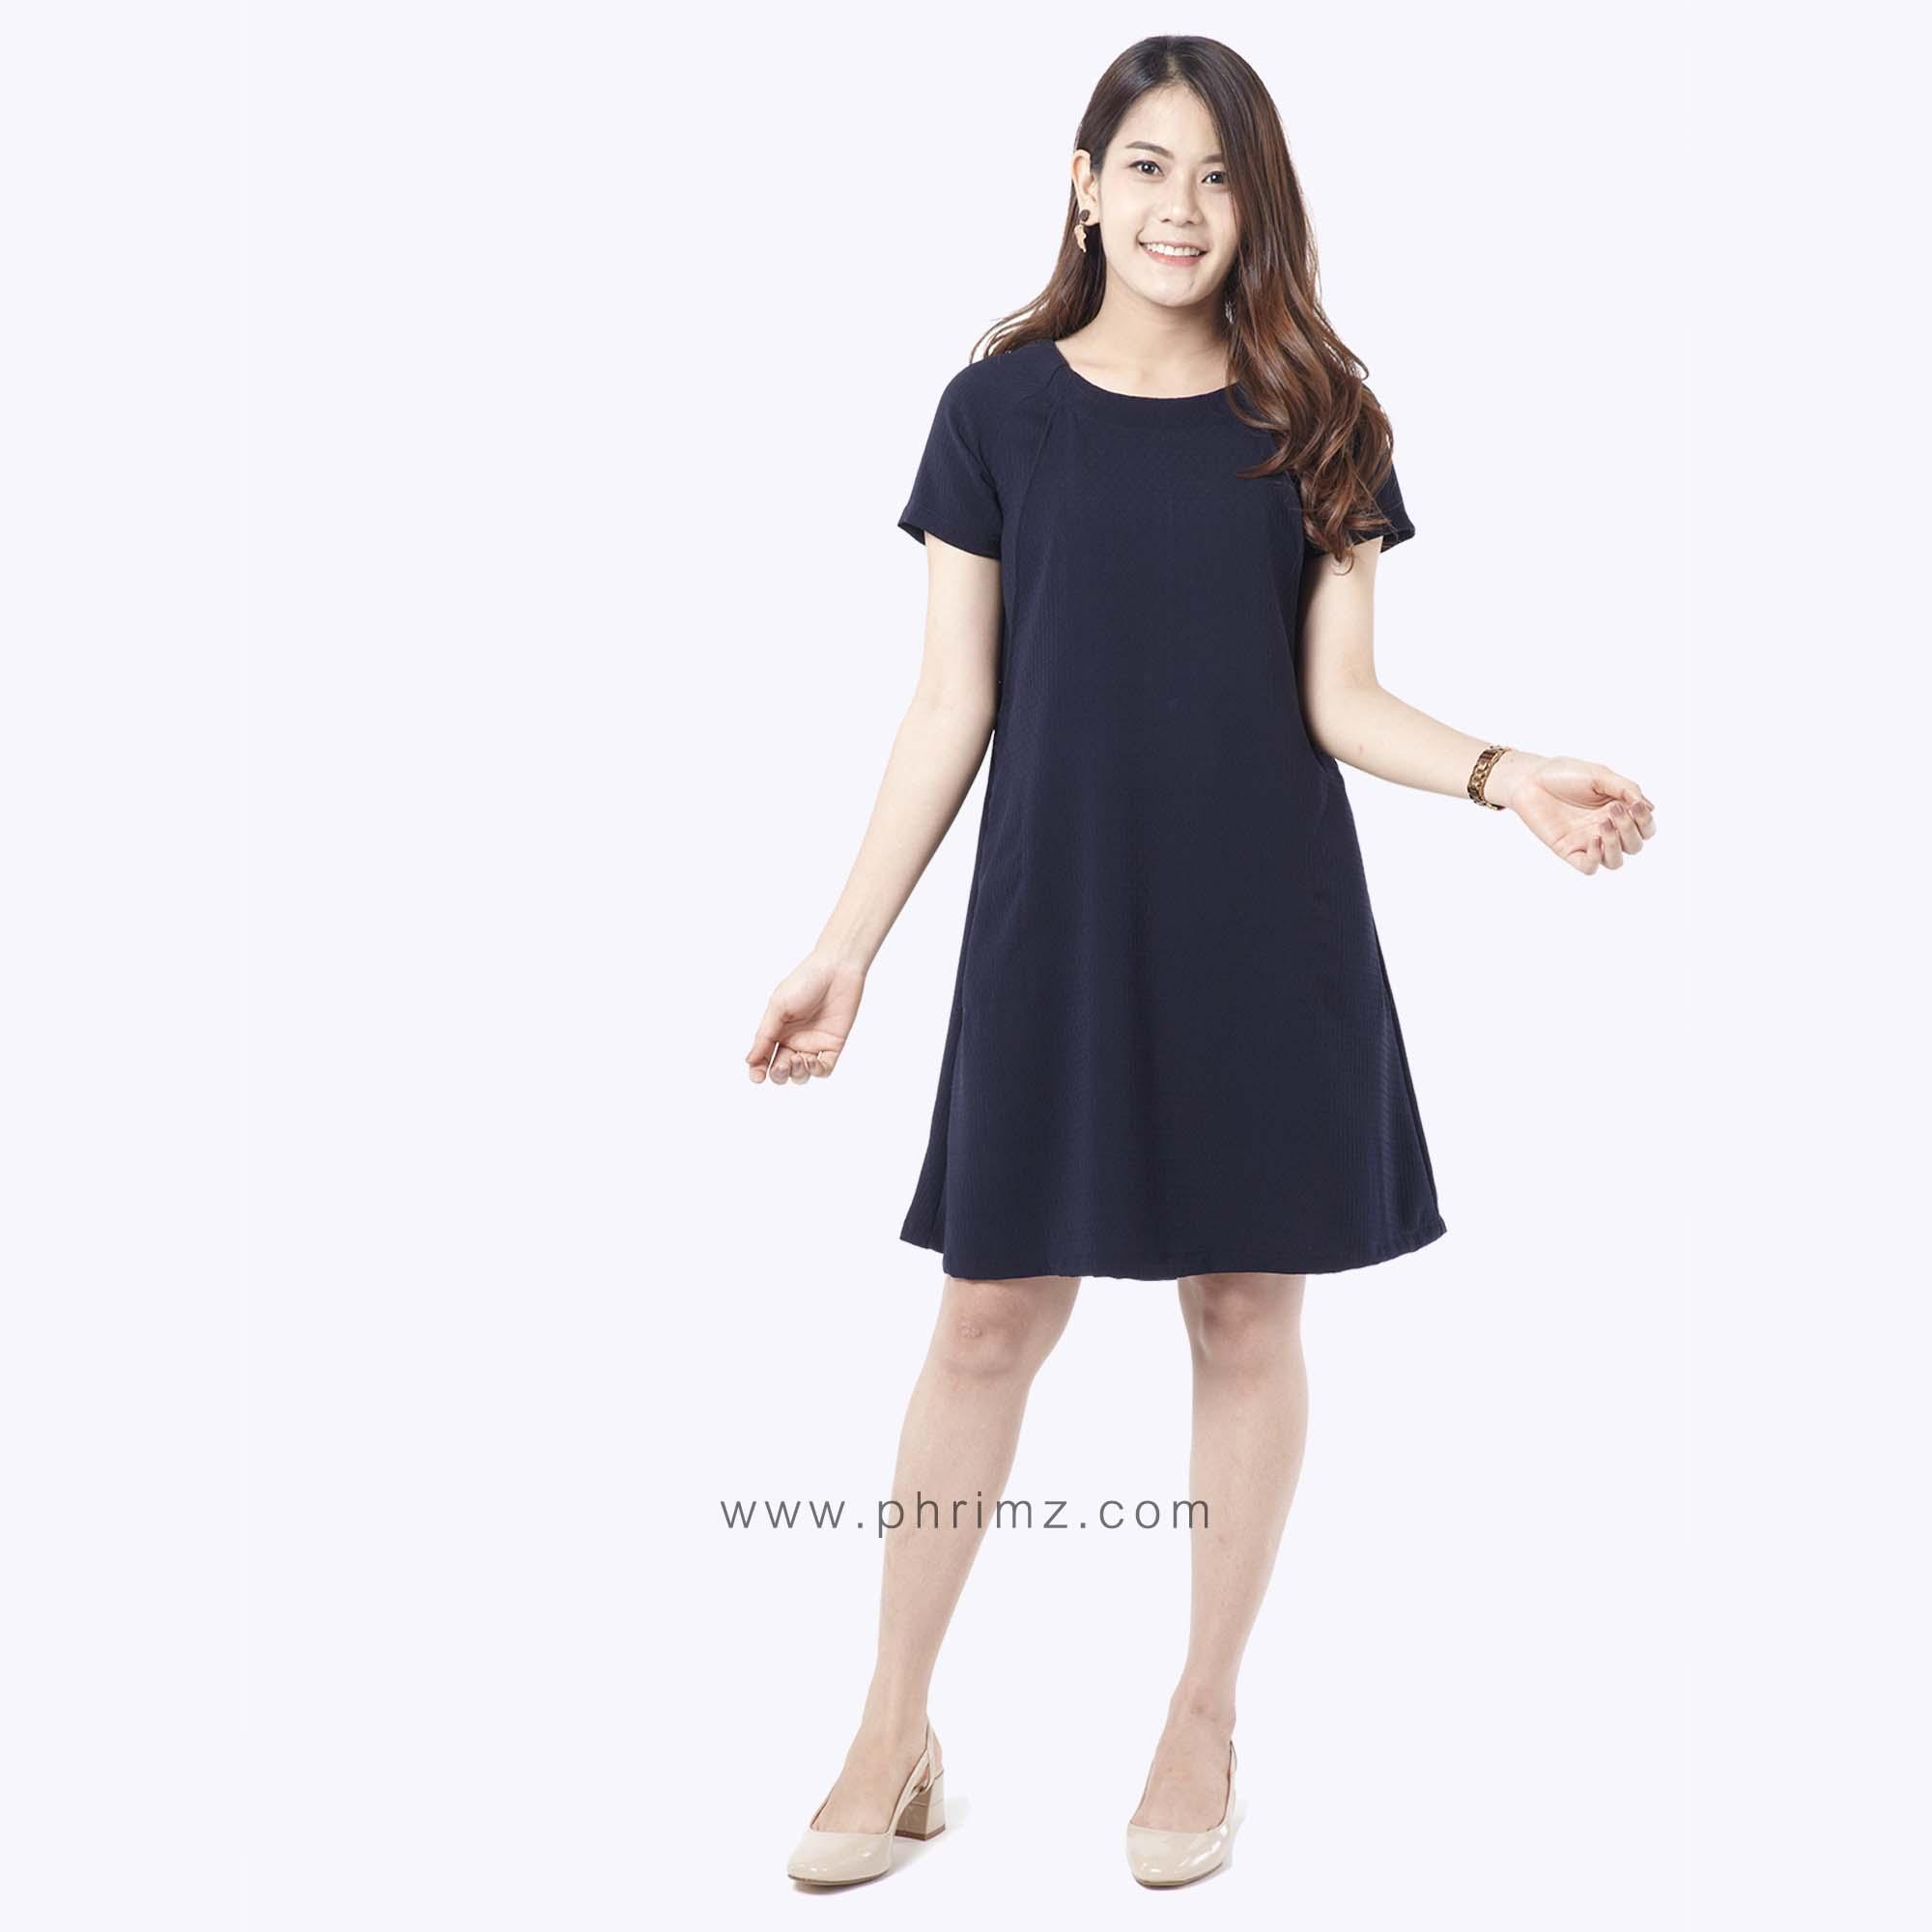 ชุดให้นม Phrimz : Elsa Breastfeeding Dress - Navy Blue